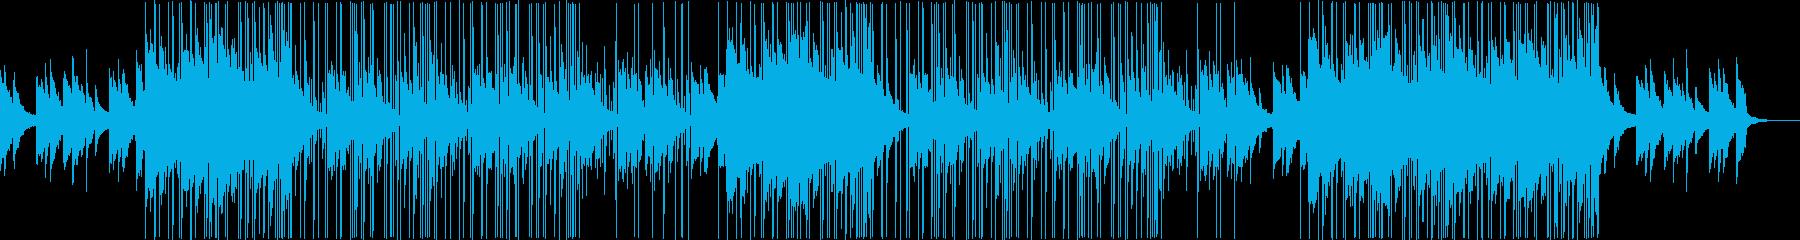 お洒落なR&B/トラップビートの再生済みの波形